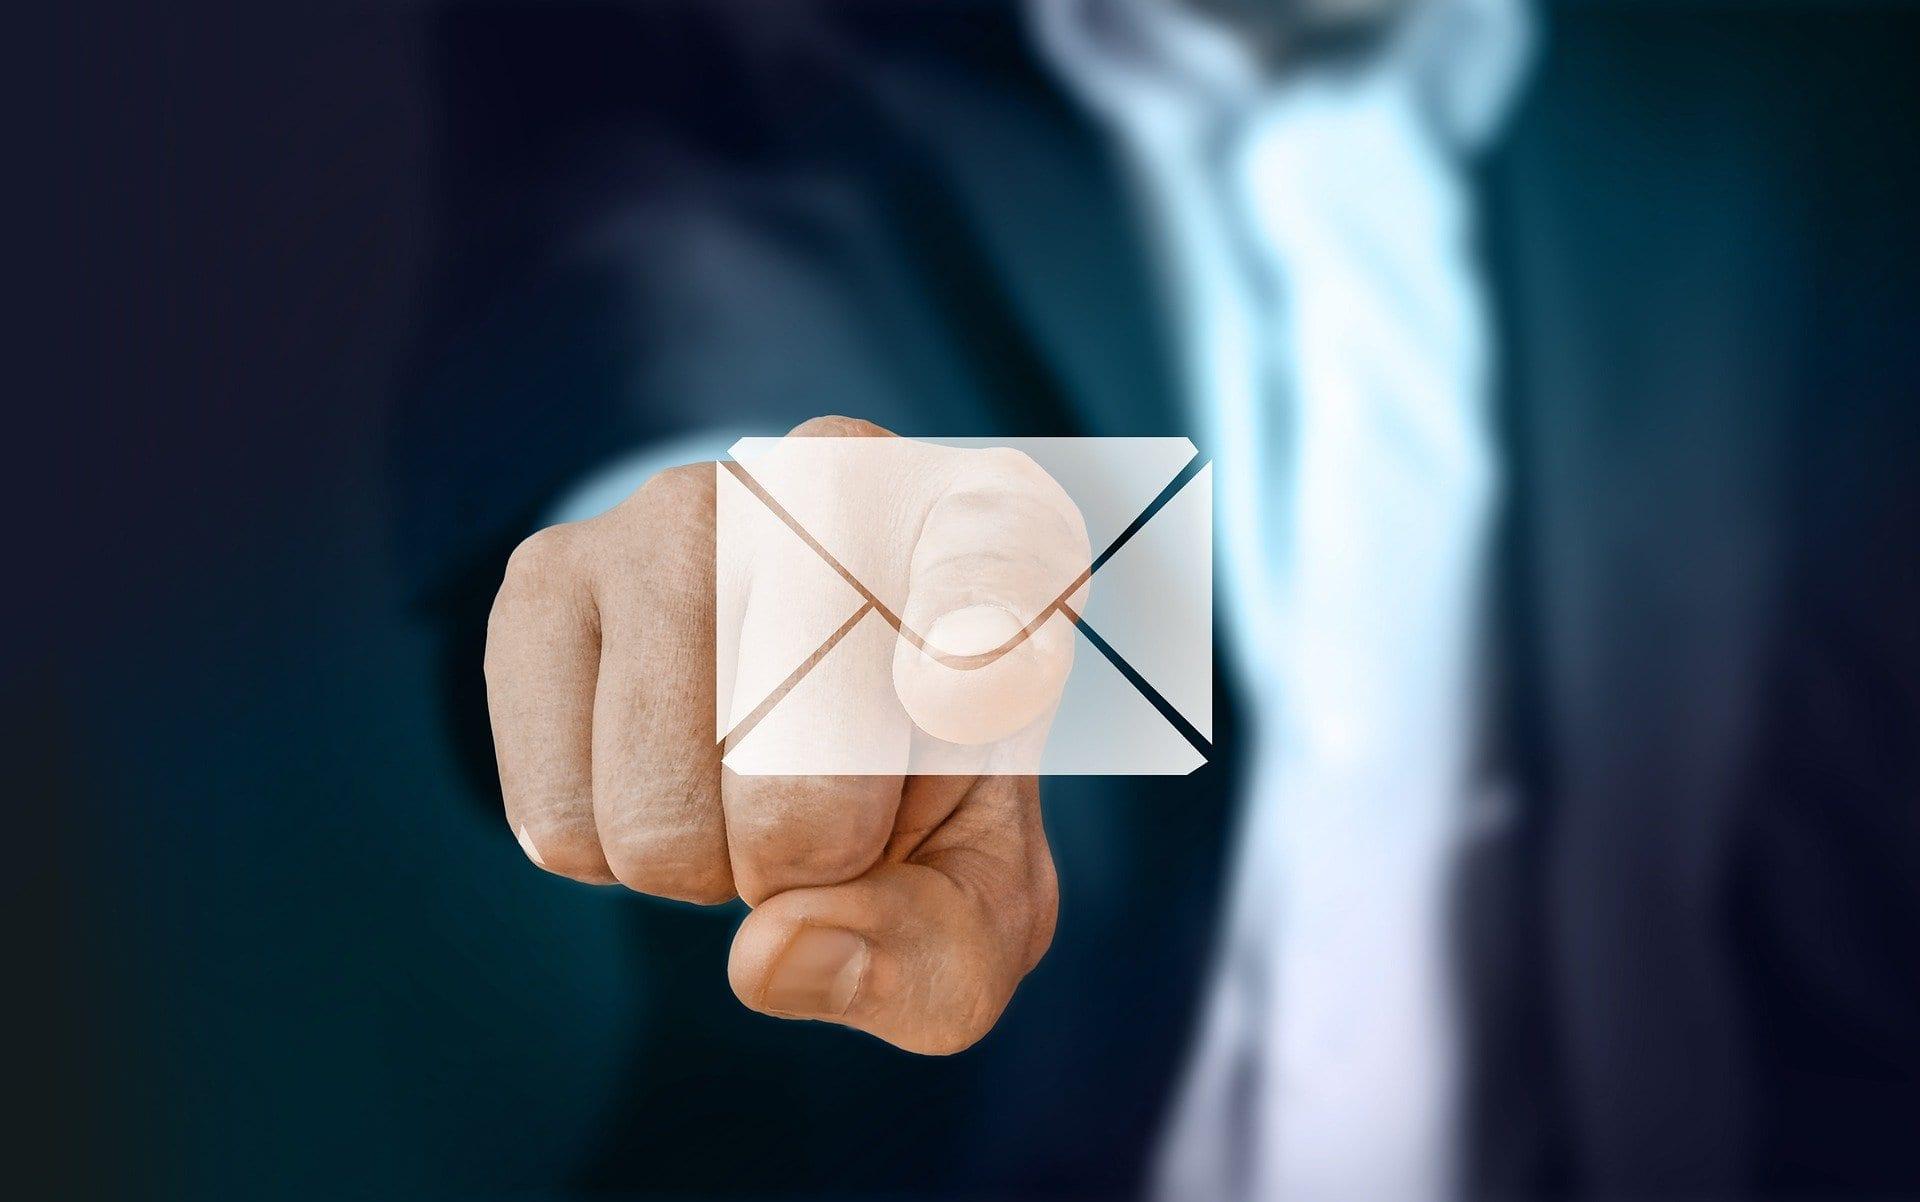 La email di lavoro maleducate danneggiano la nostra salute